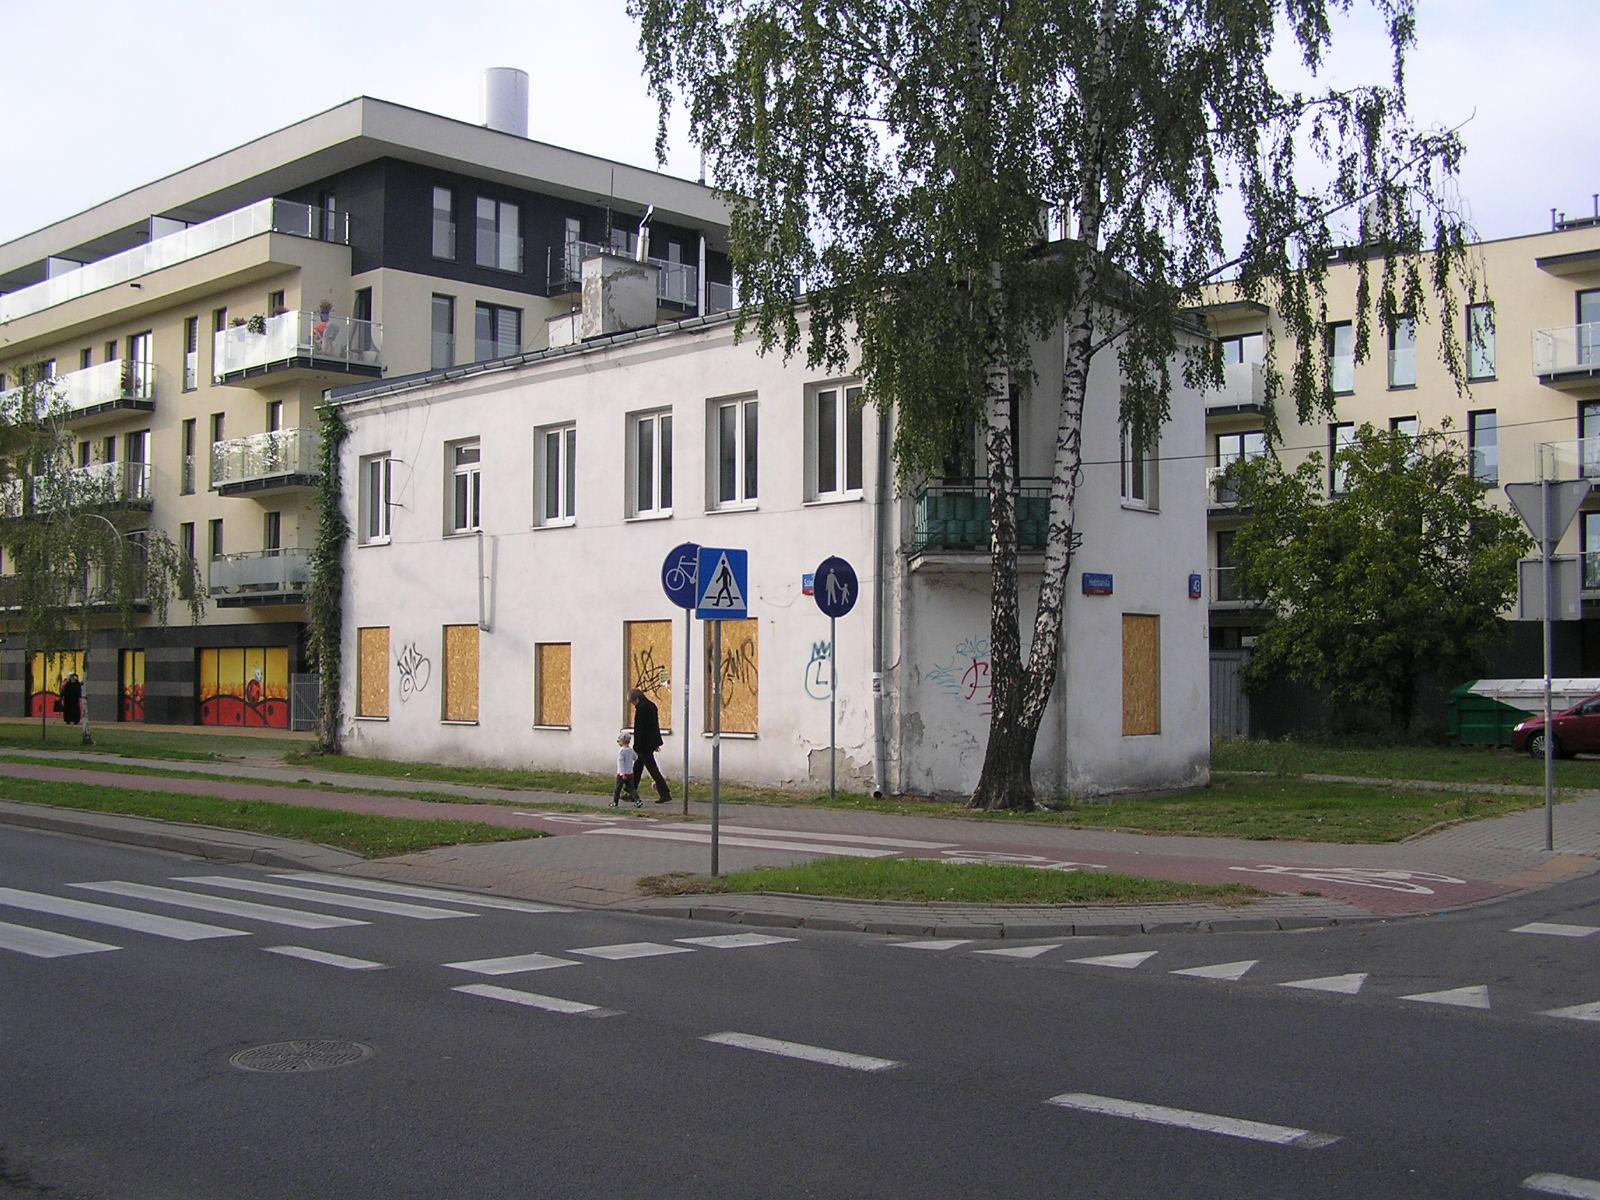 Dom przy ulicy Hetmańskiej 43 na Grochowie